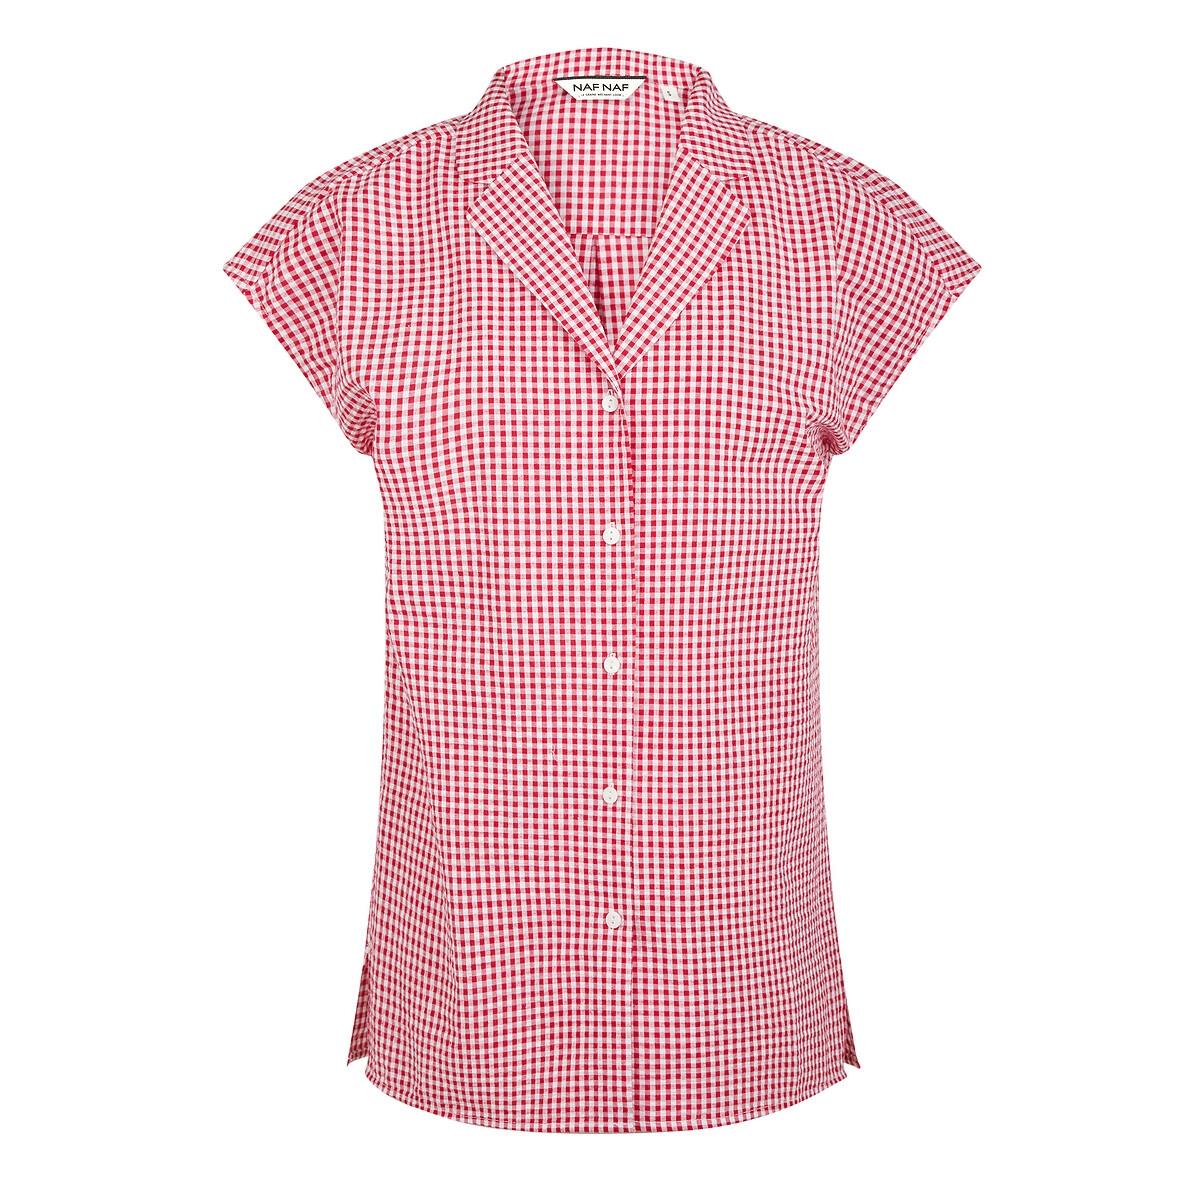 Блуза La Redoute С короткими рукавами в клетку 40 (FR) - 46 (RUS) красный пальто la redoute в клетку 34 fr 40 rus каштановый